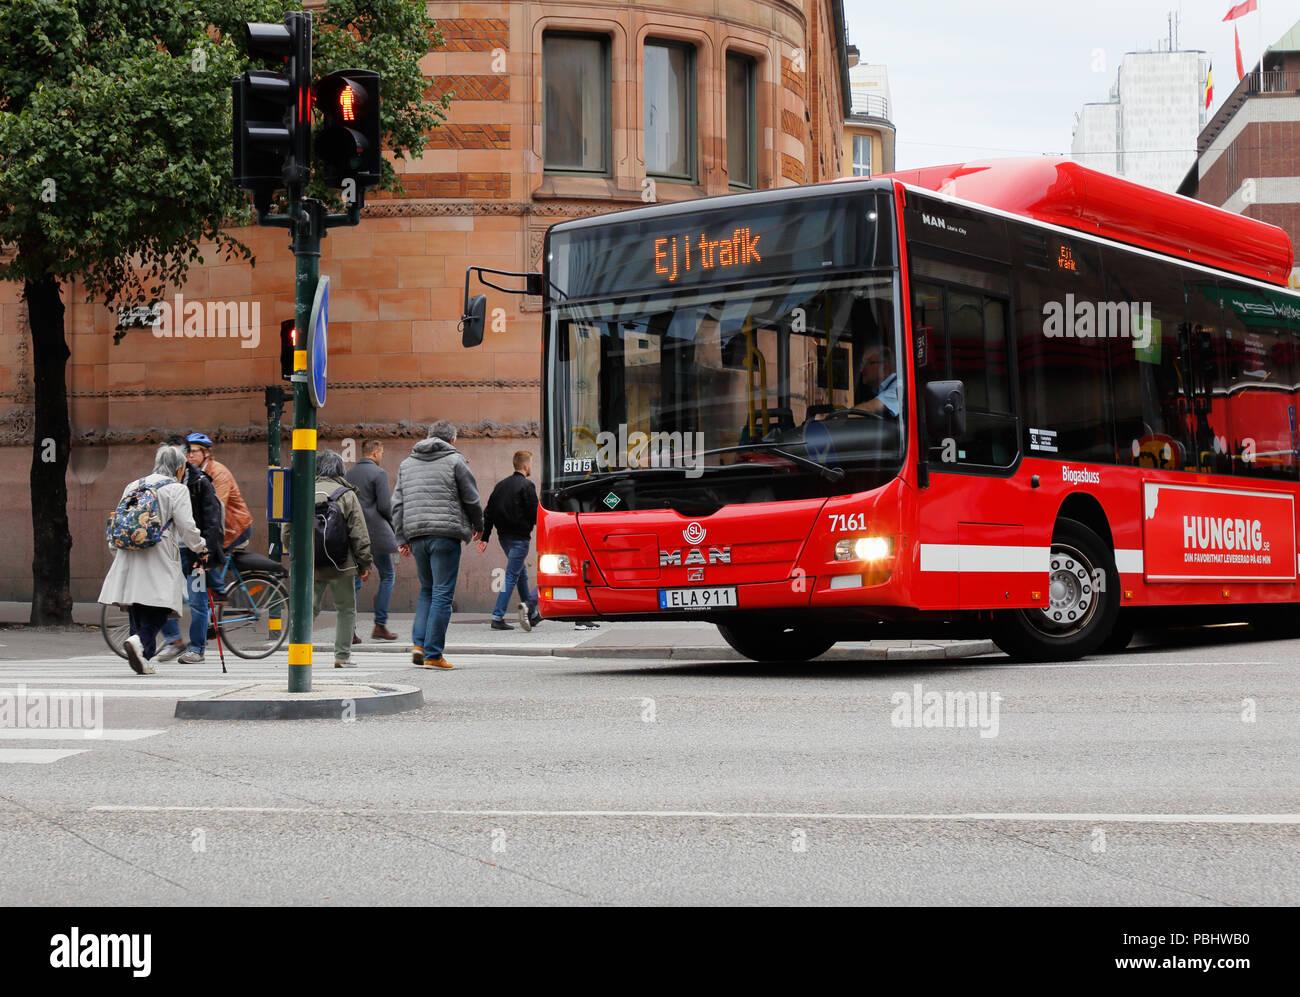 Stockholm, Sweden - September 8, 2017: One public transport bus not